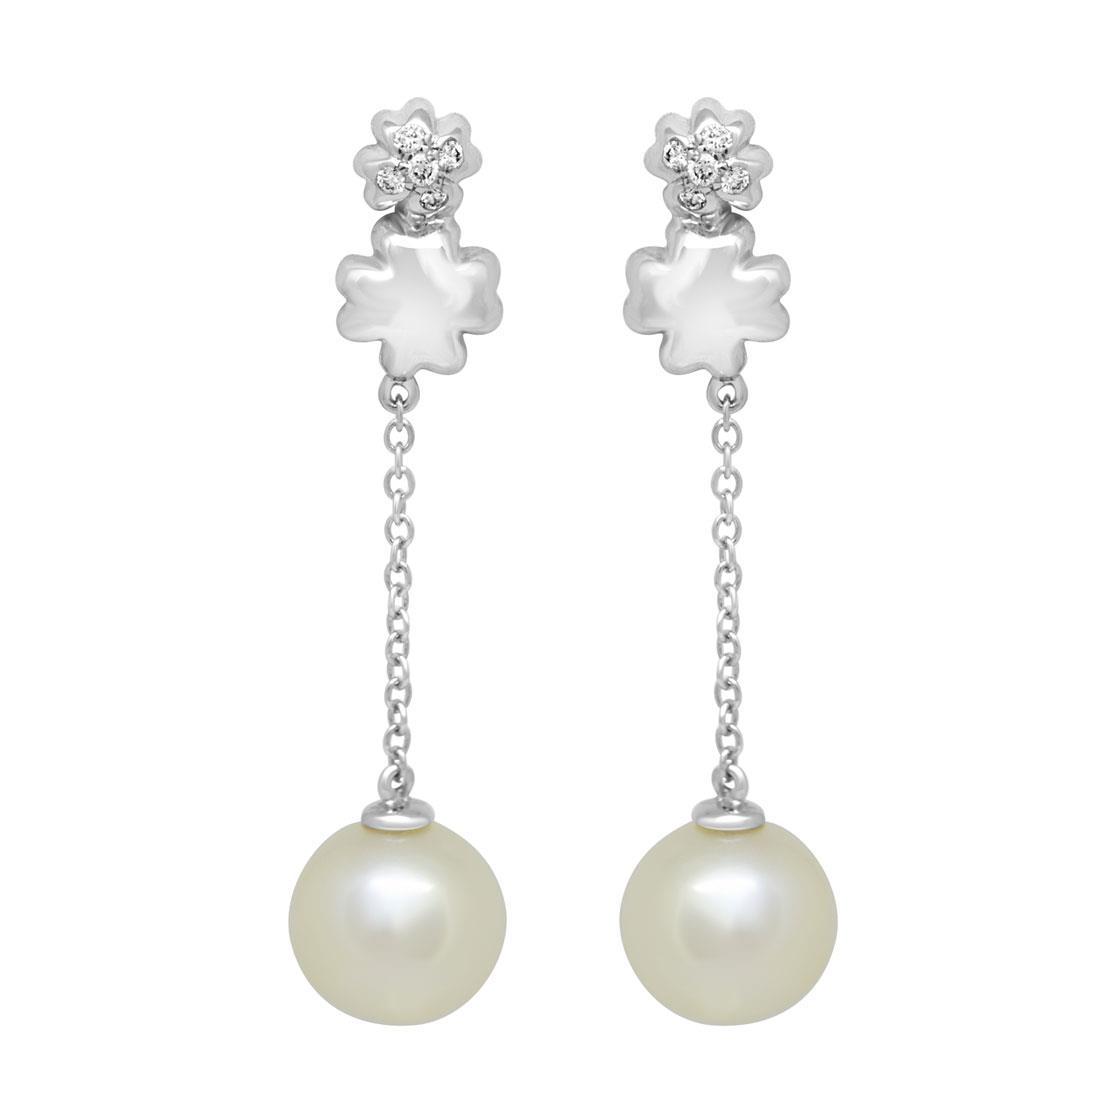 Orecchini con perle e diamanti - BLISS